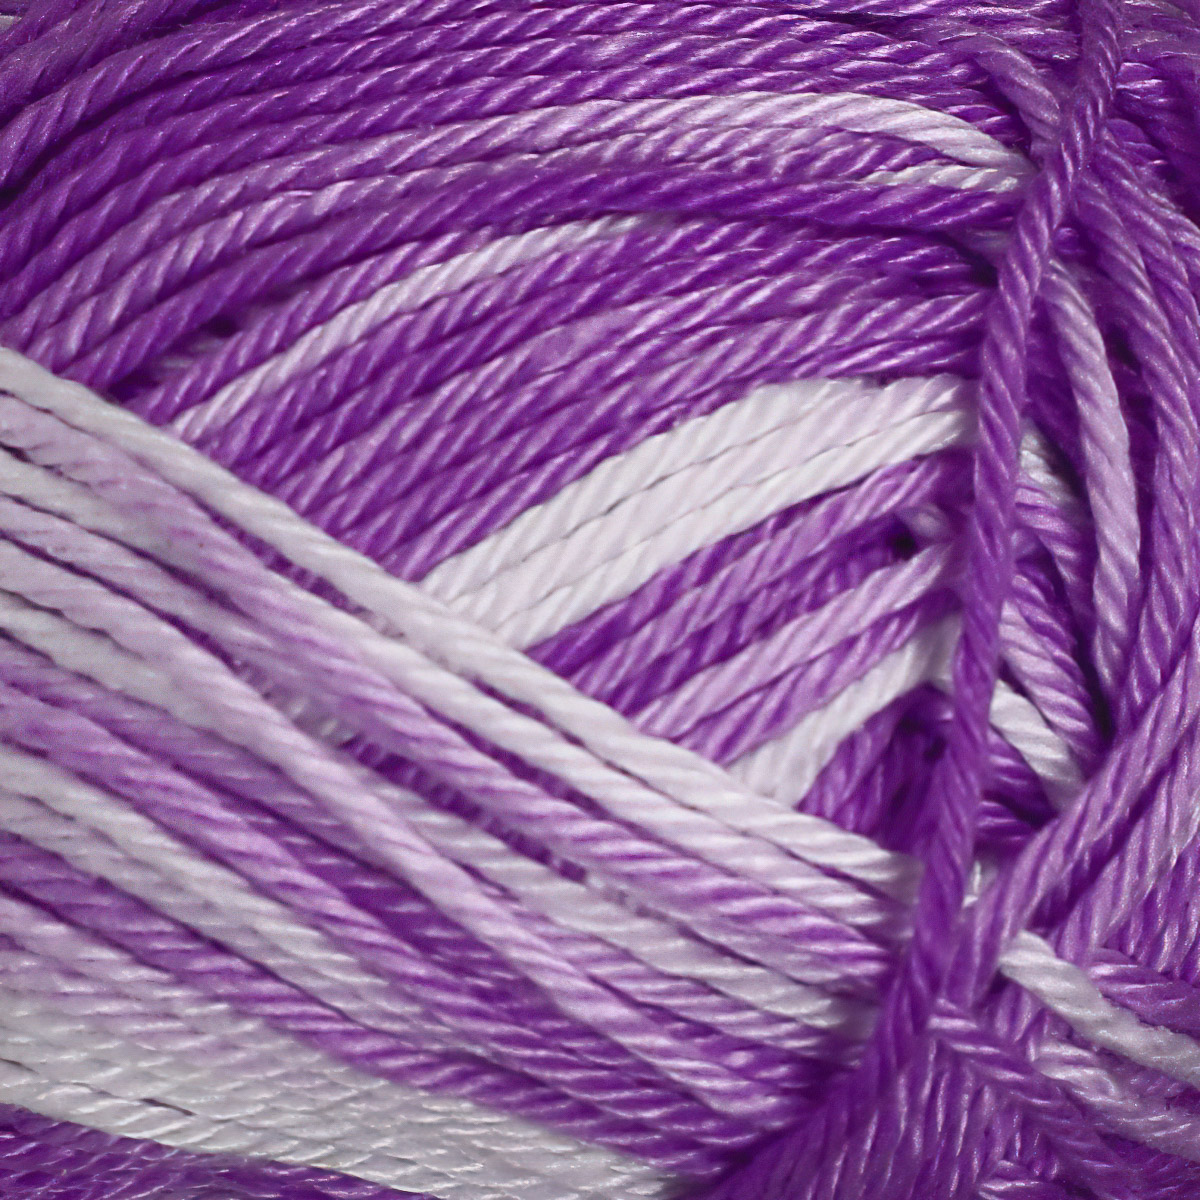 Pletací / háčkovací příze STOREX CAMILA NATURAL MULTICOLOR 9133 fialová, melírovaná, 50g/125m